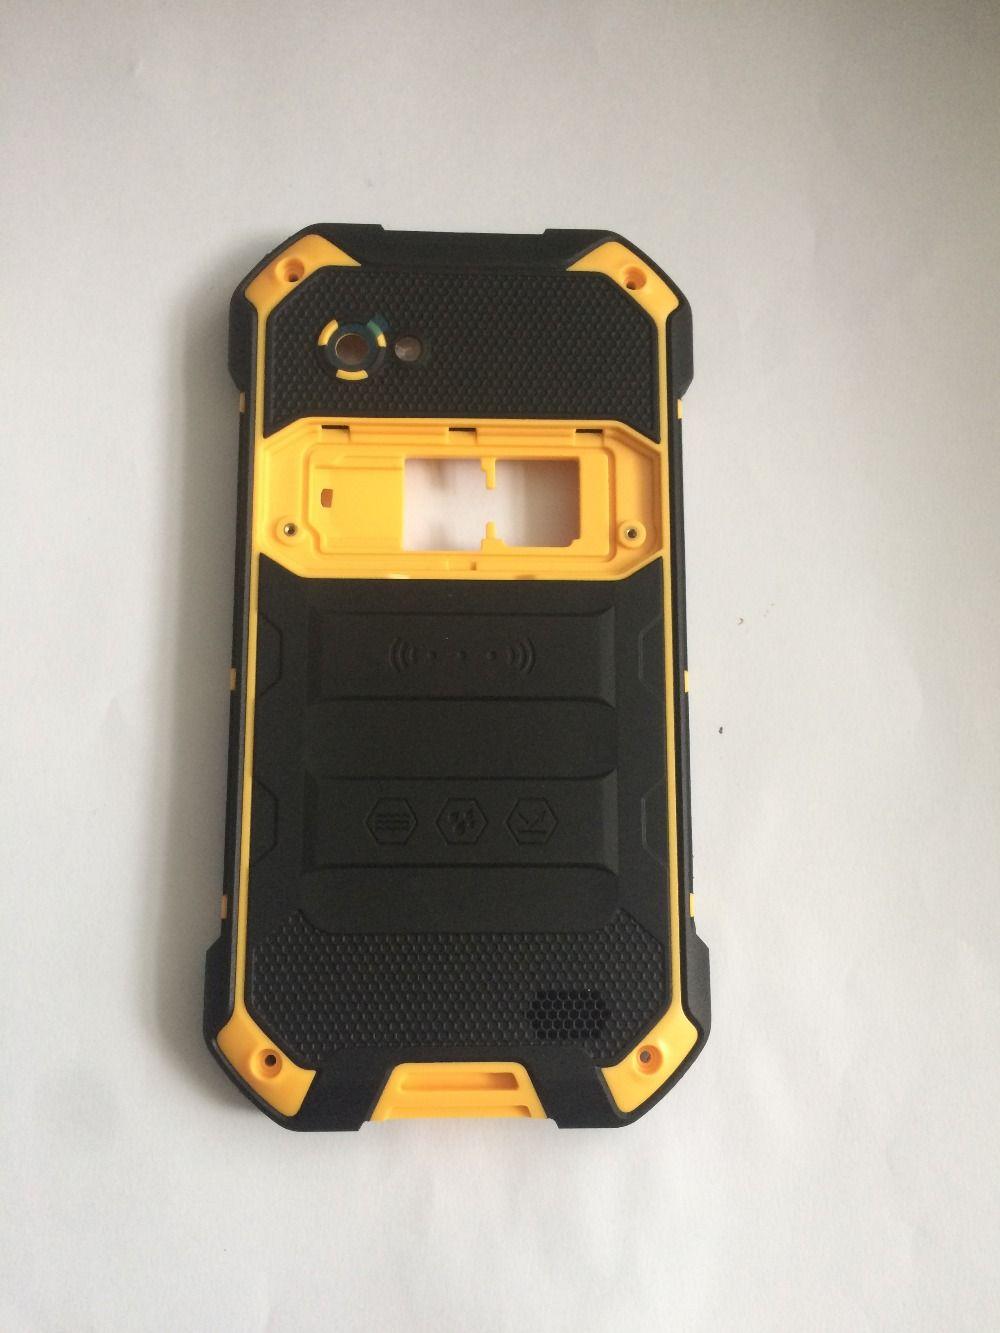 New Blackview BV6000 Battery Cover Back Shell+Loud Speaker For Blackview BV6000S Phone Free shipping+tracking number